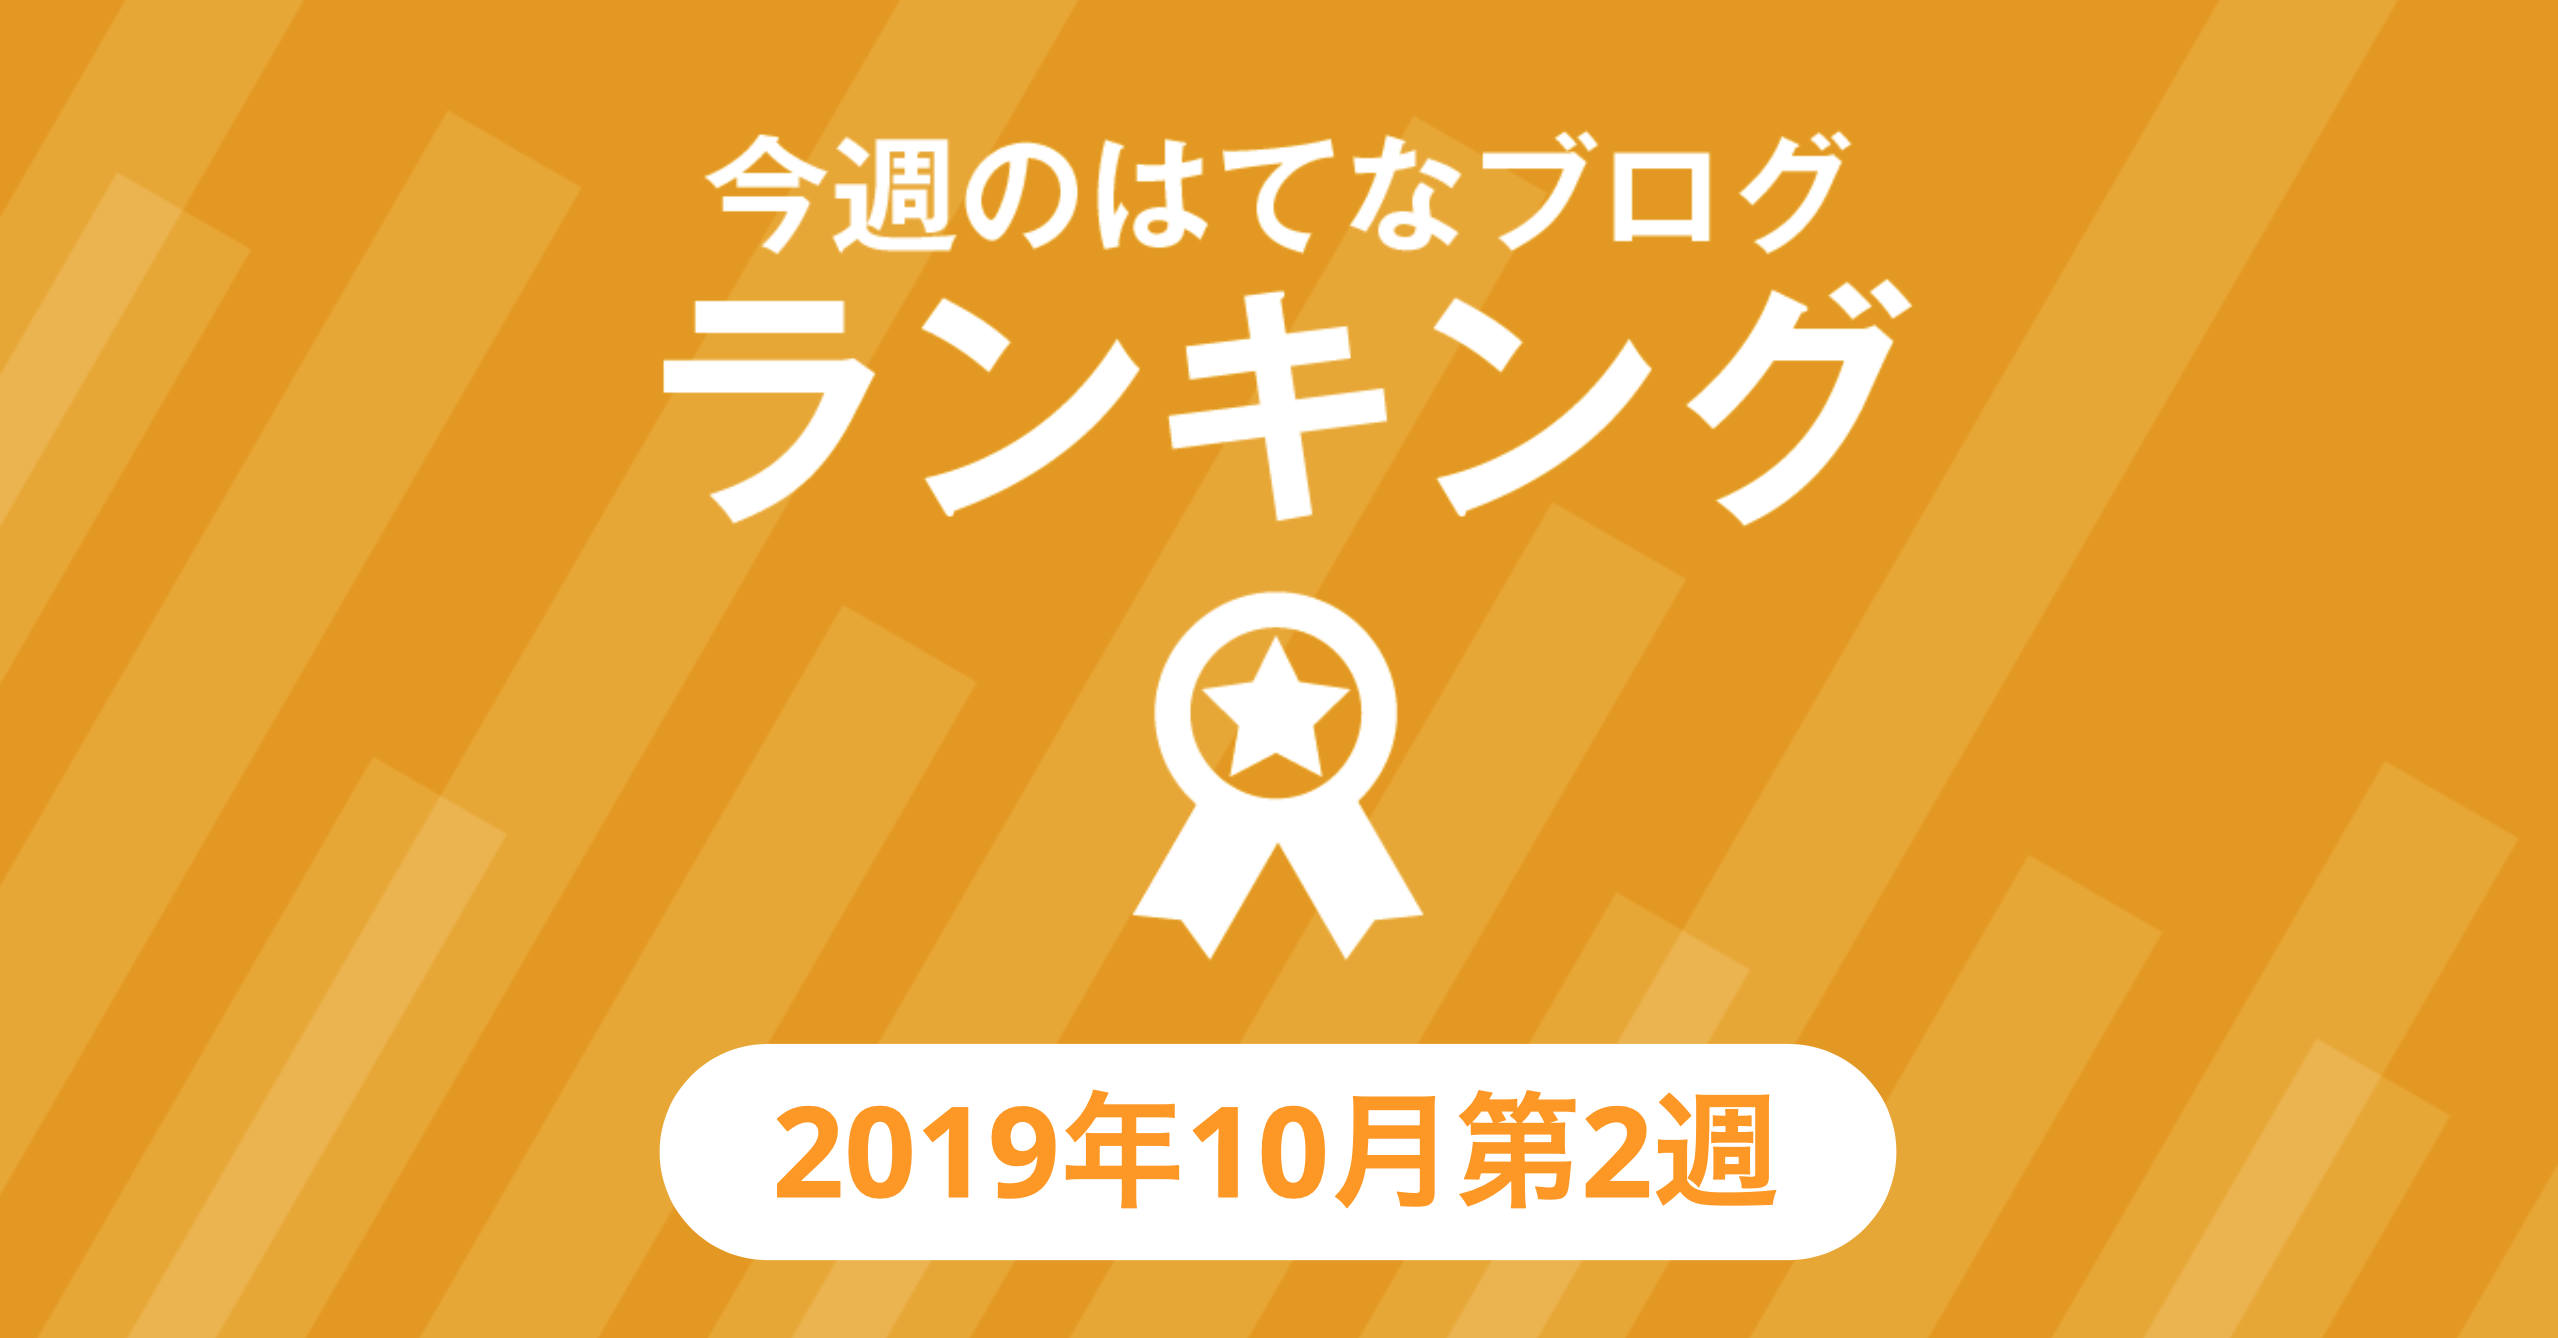 今週のはてなブログランキング〔2019年10月第2週〕の画像